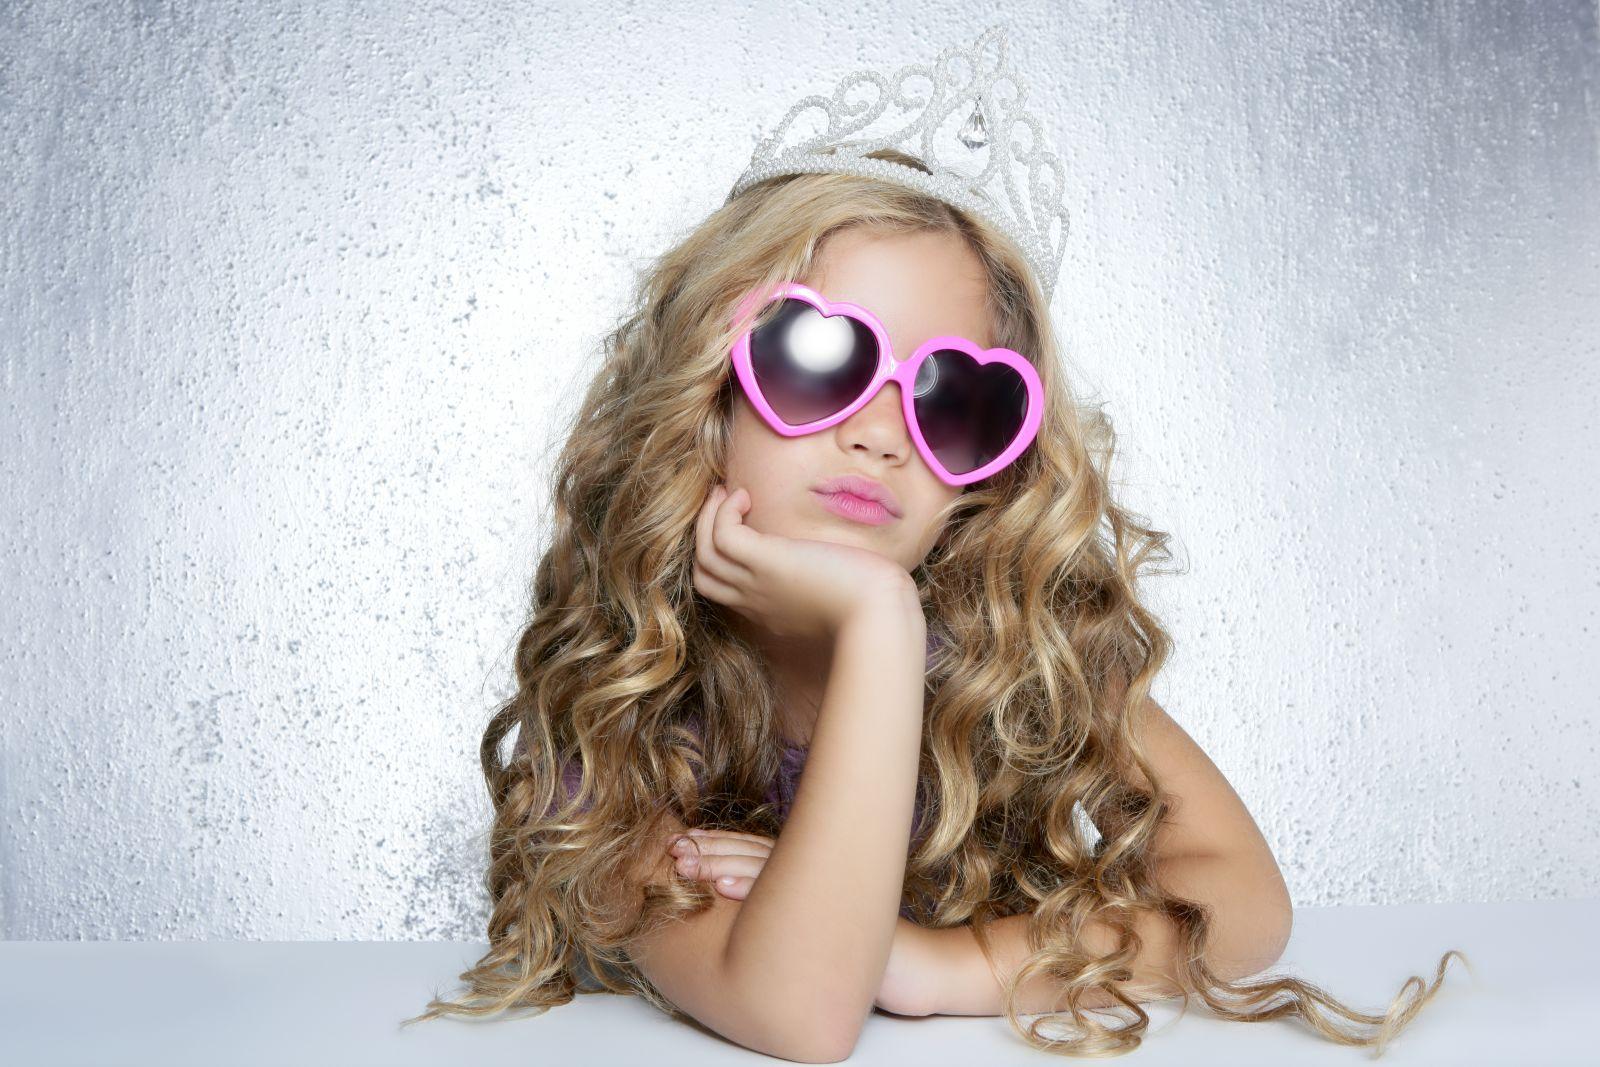 """Мнение эксперта: """"красивая = счастливая?"""" - рассказывает коуч в сфере любви и отношений Ирина Зайцева"""